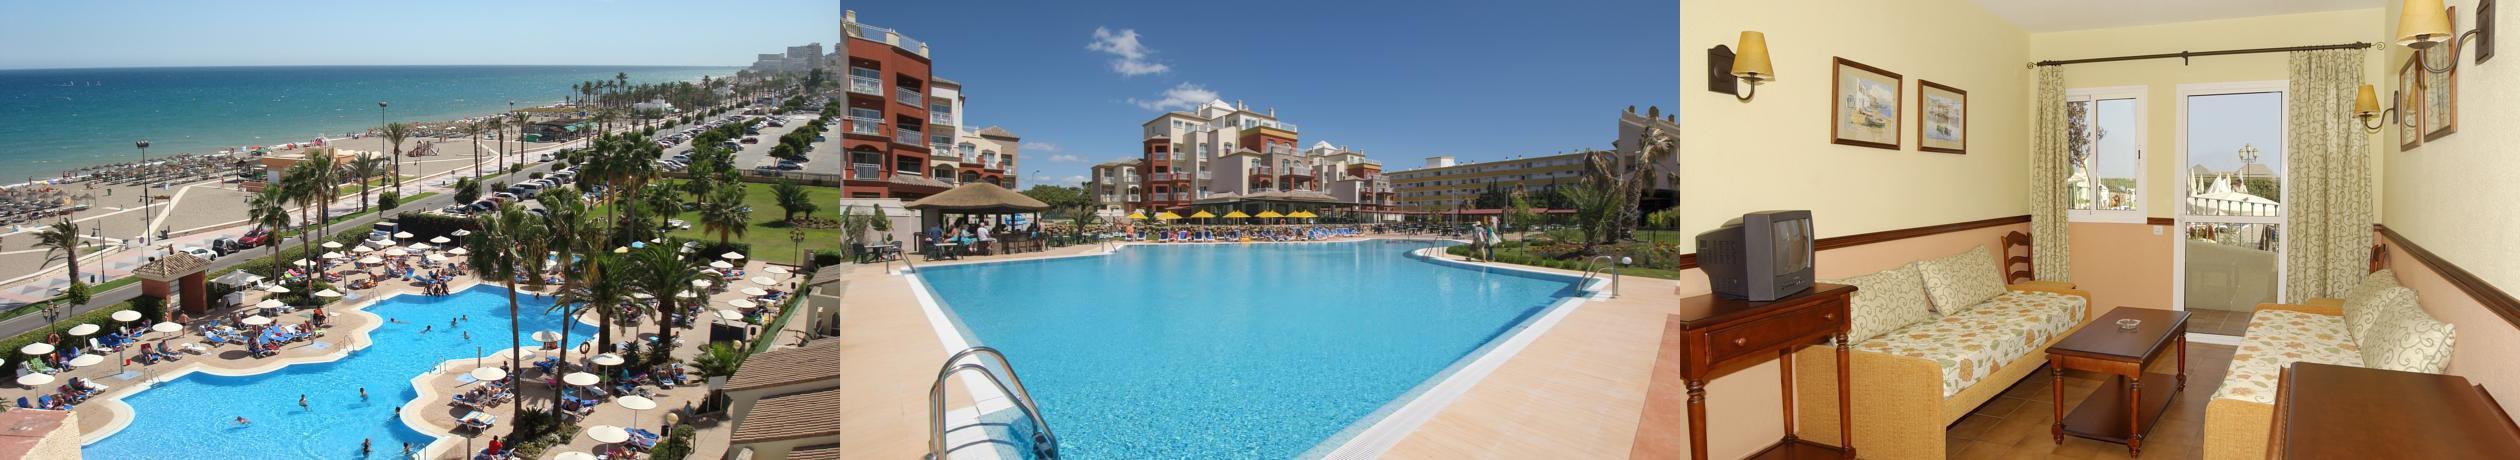 hotel-pueblo-camino-real